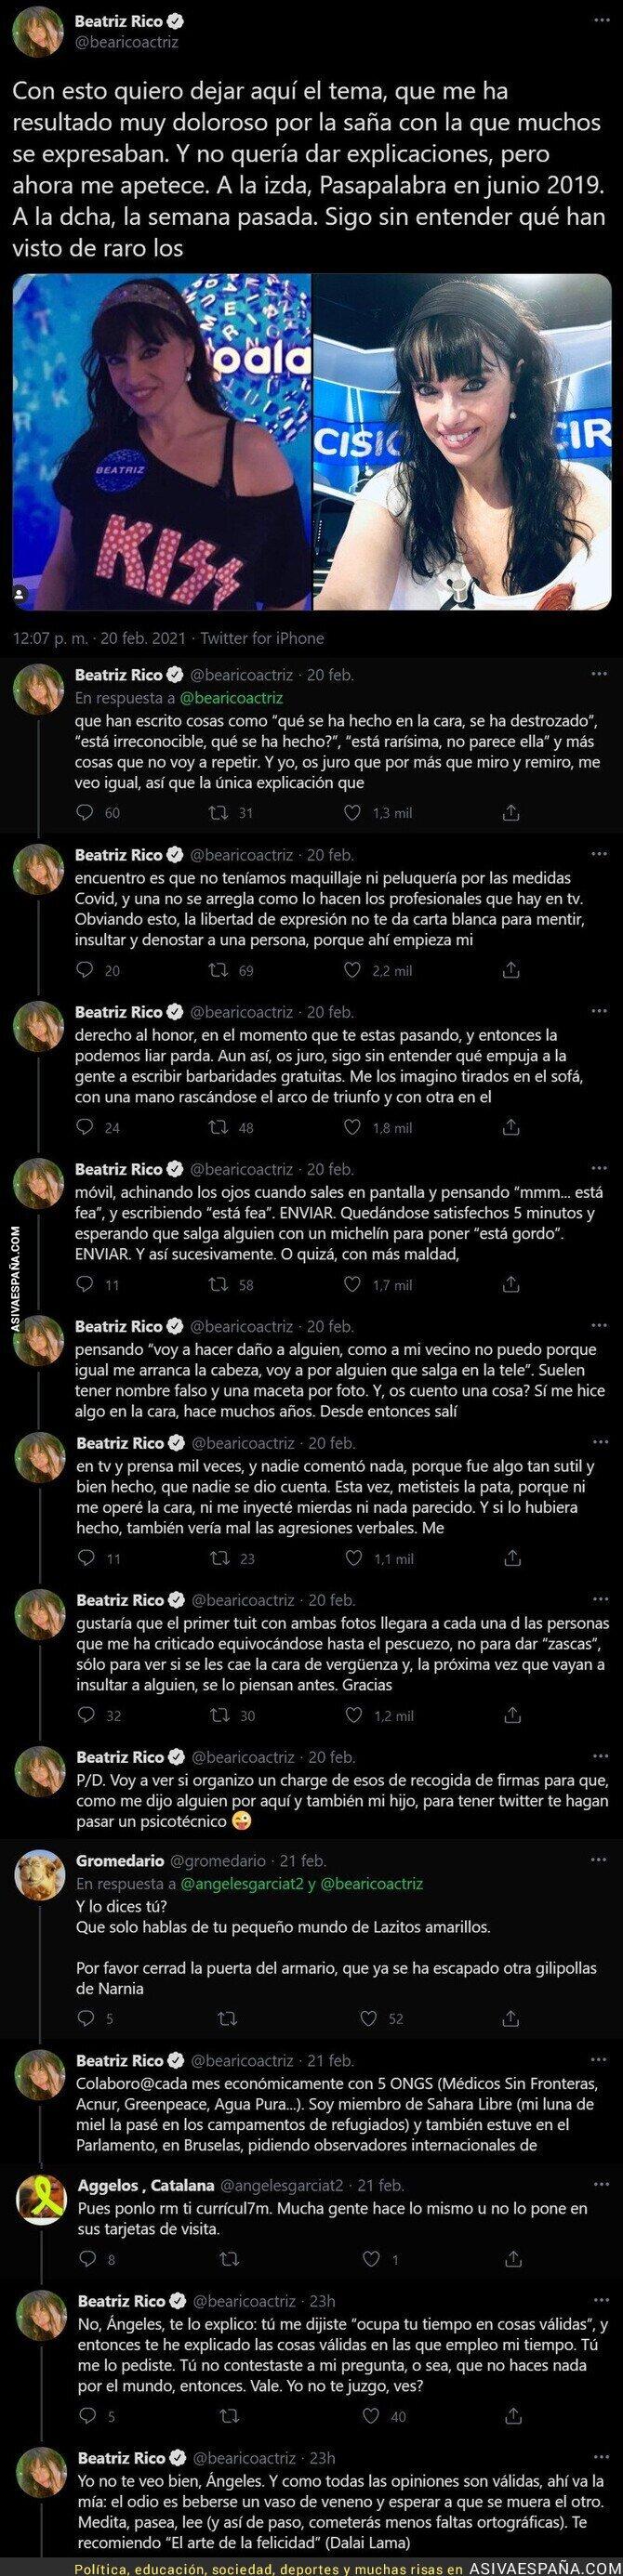 614668 - Beatriz Rico destroza por completo a la gente que está criticando su físico tras su paso por 'Pasapalabra'